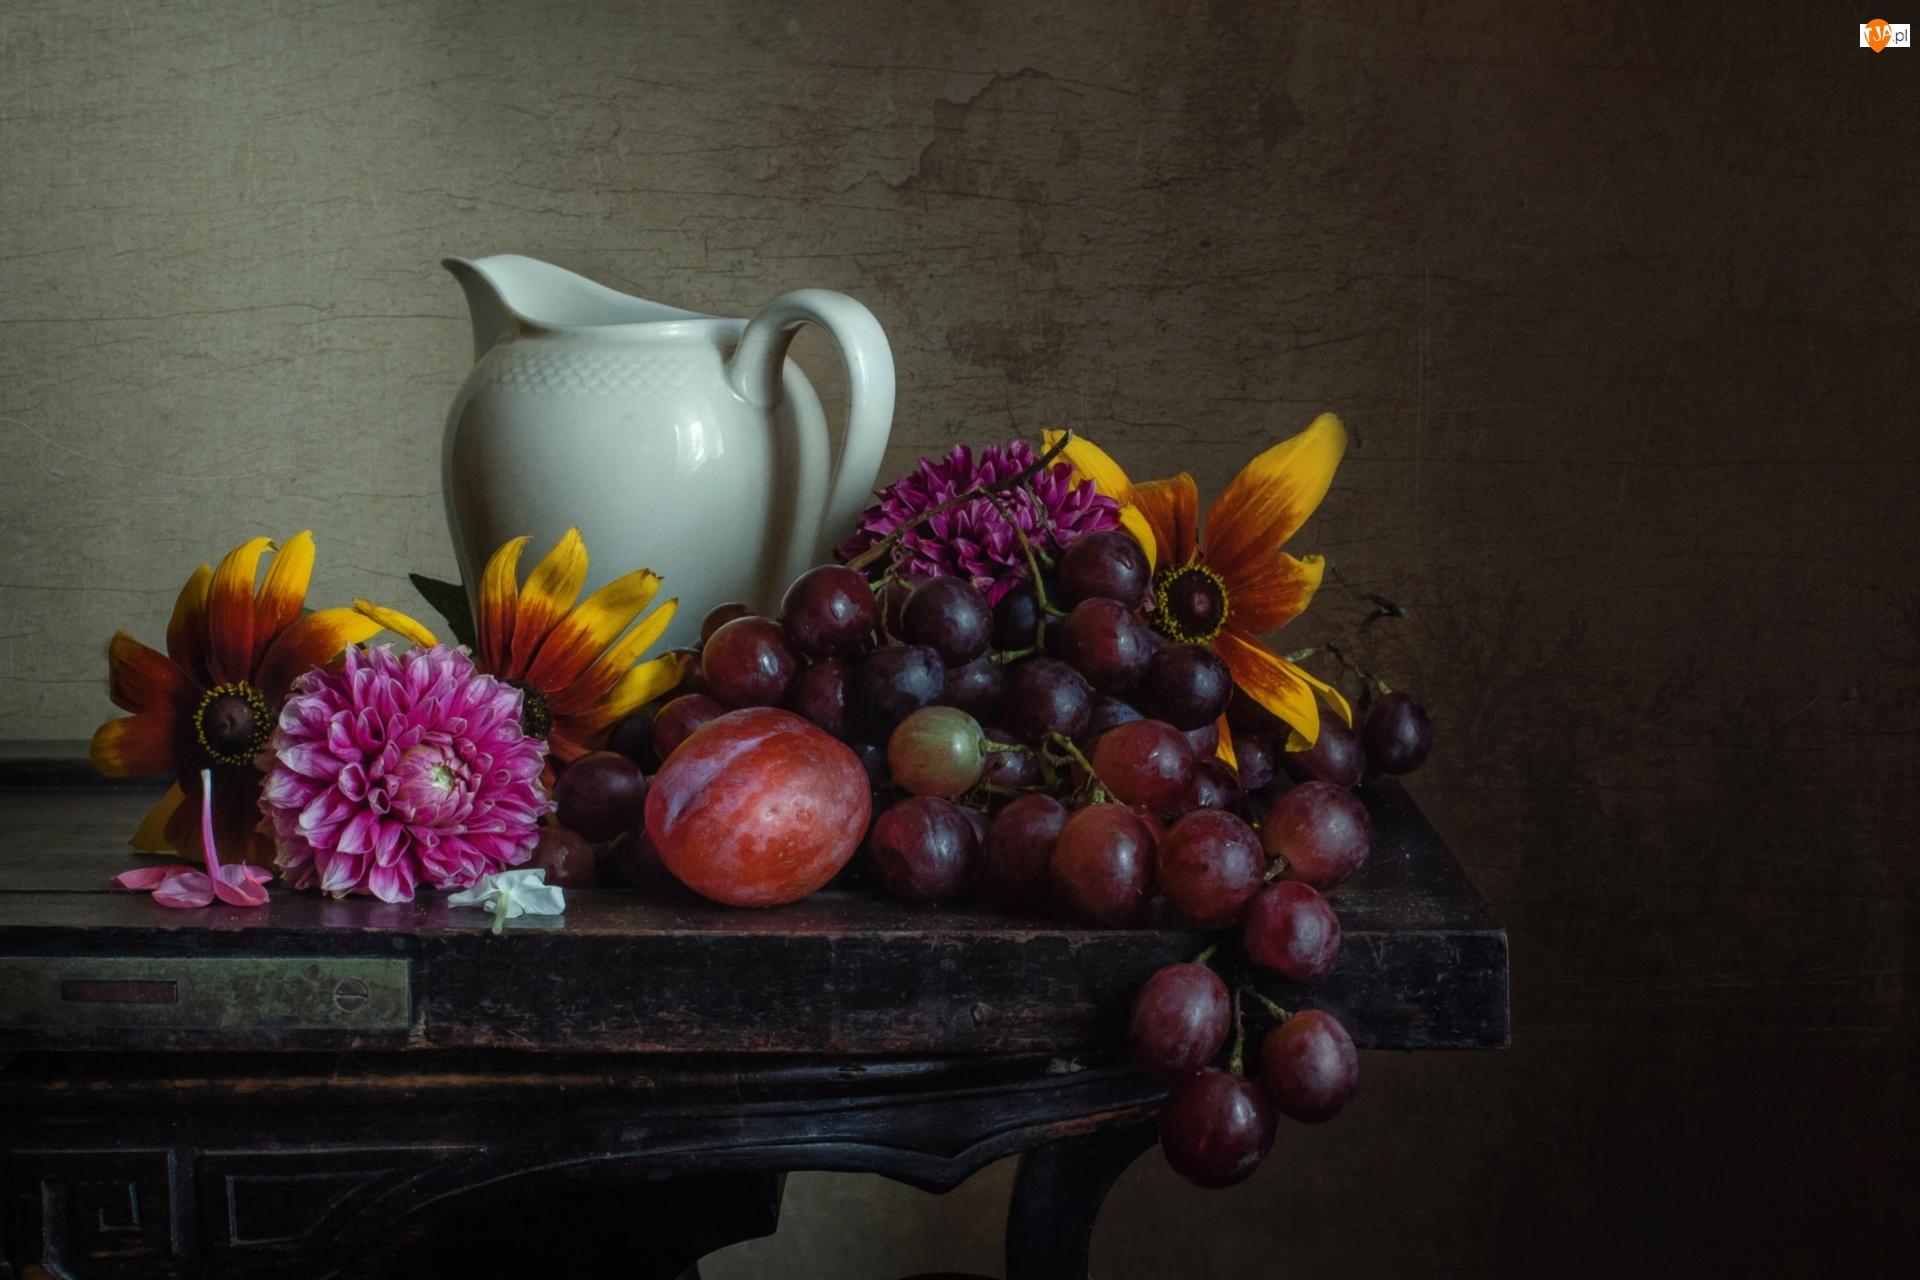 Owoce, Porcelanowy, Chryzantemy, Winogrona, Dzbanek, Rudbekie, Śliwka, Kwiaty